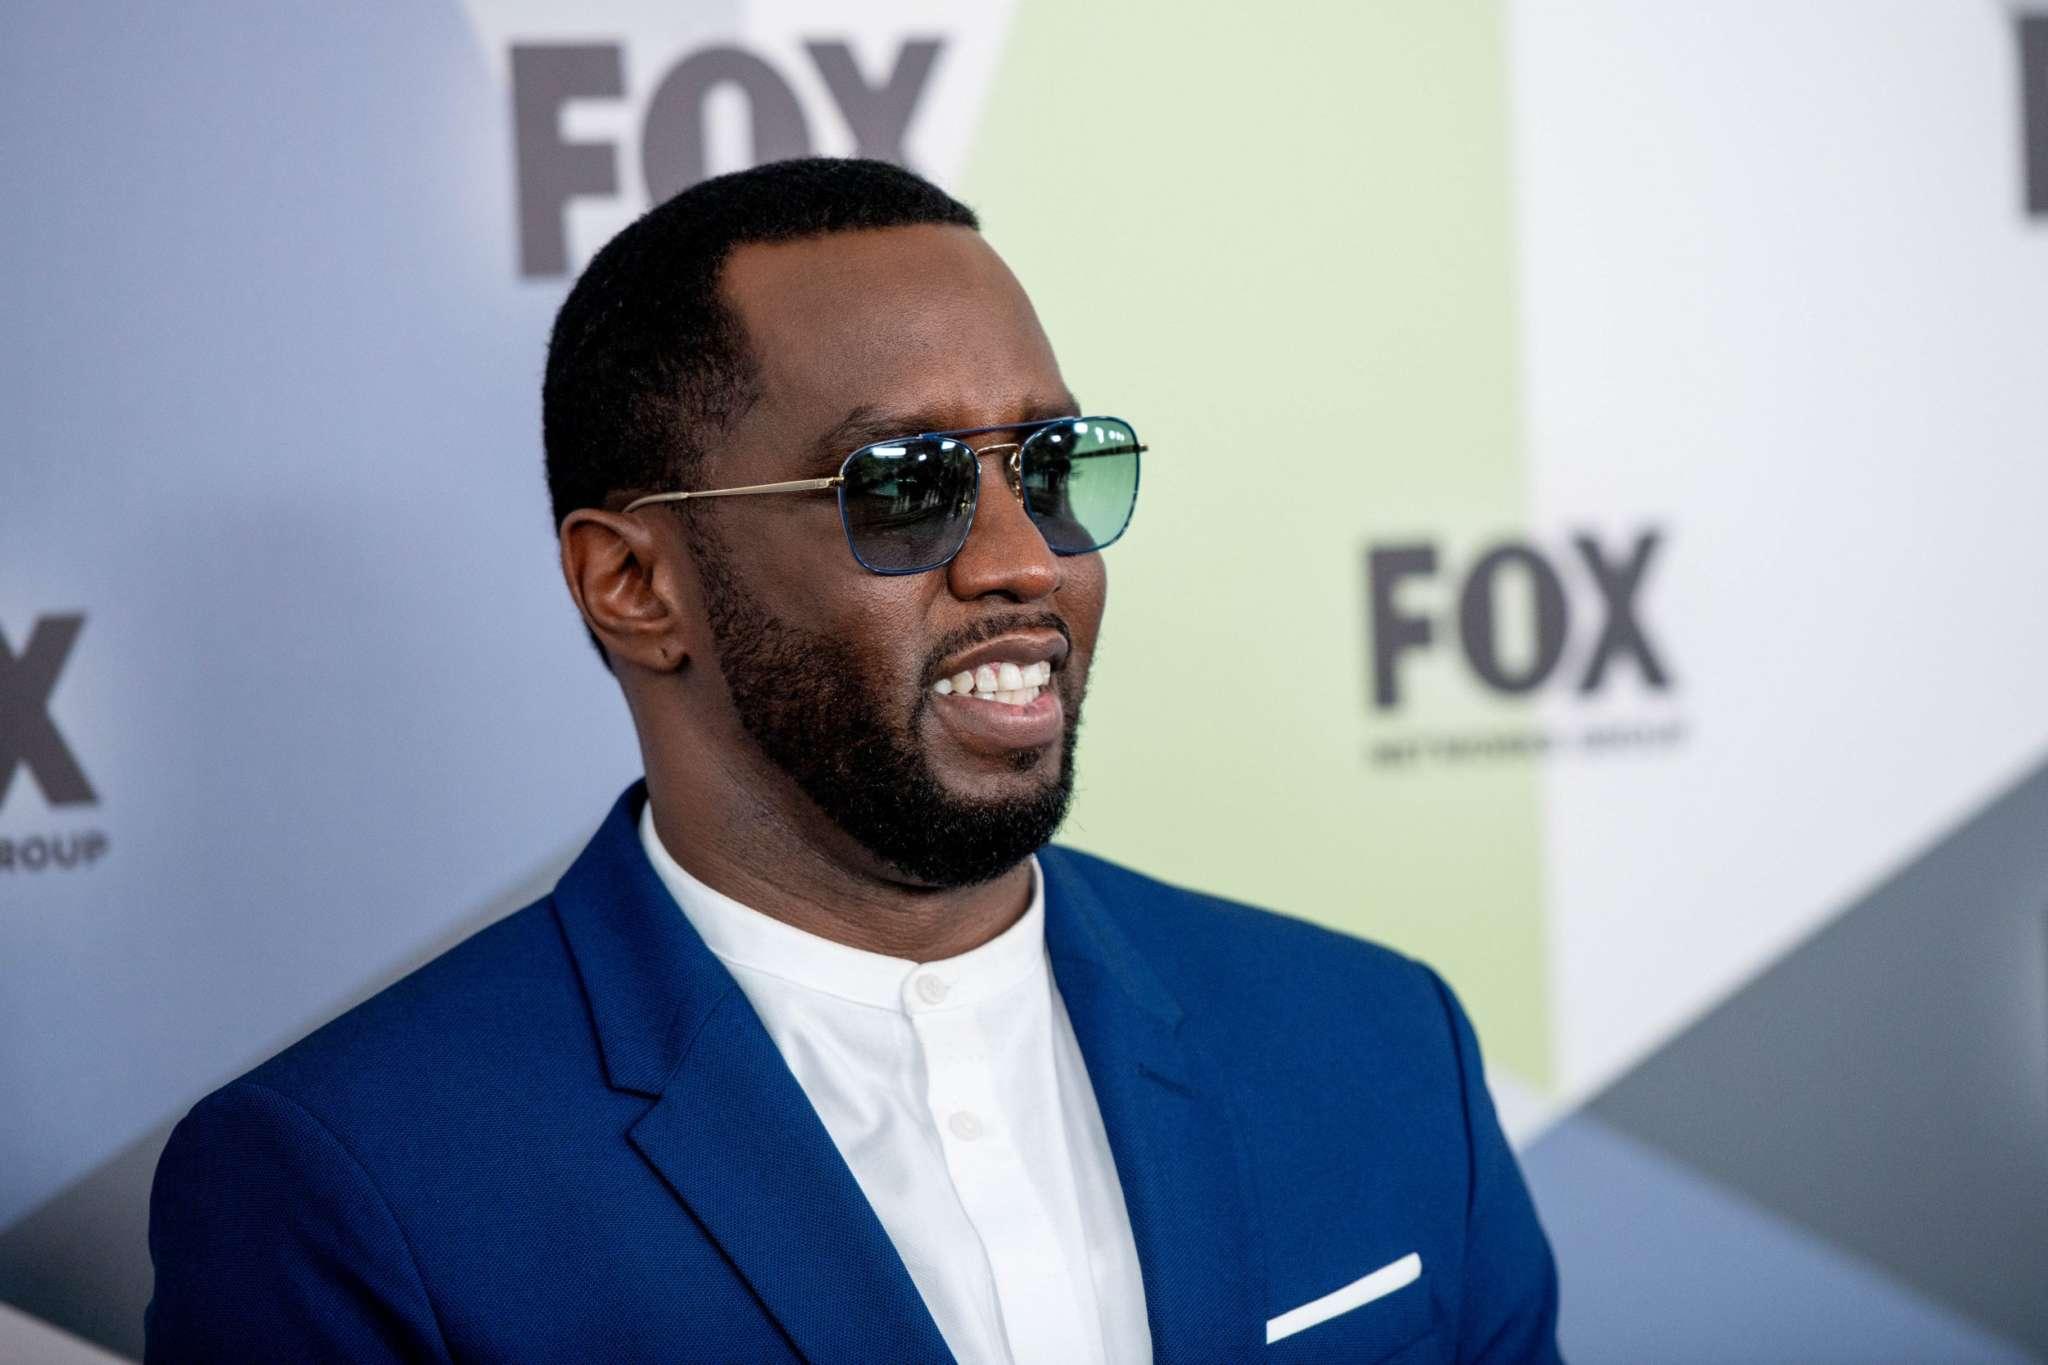 Diddy's Mystery Woman Speaks: 'He's single, I'm single - We're Friends